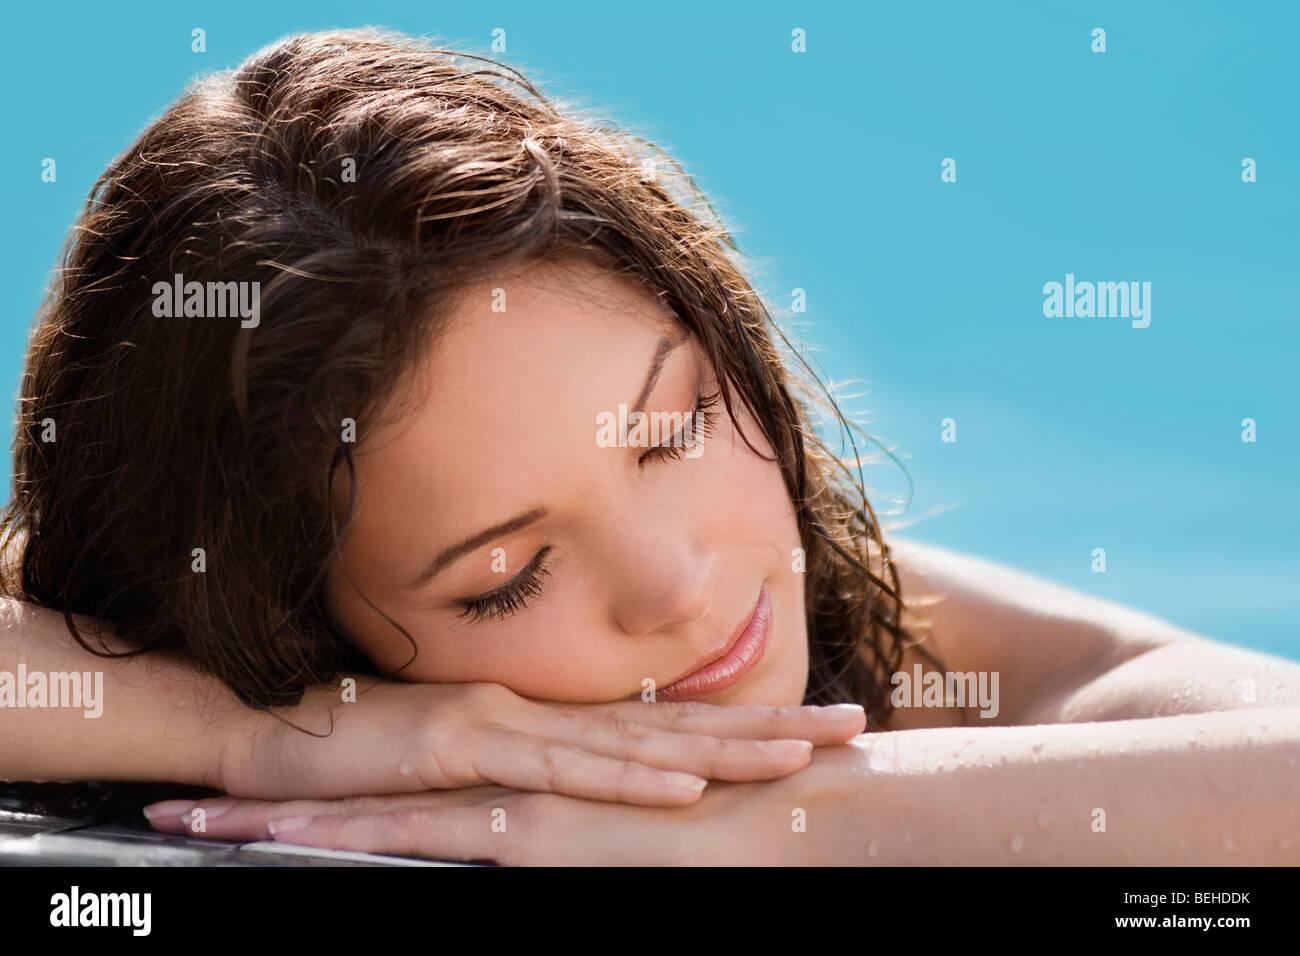 Nahaufnahme einer jungen Frau, die ein Nickerchen am Pool Stockbild